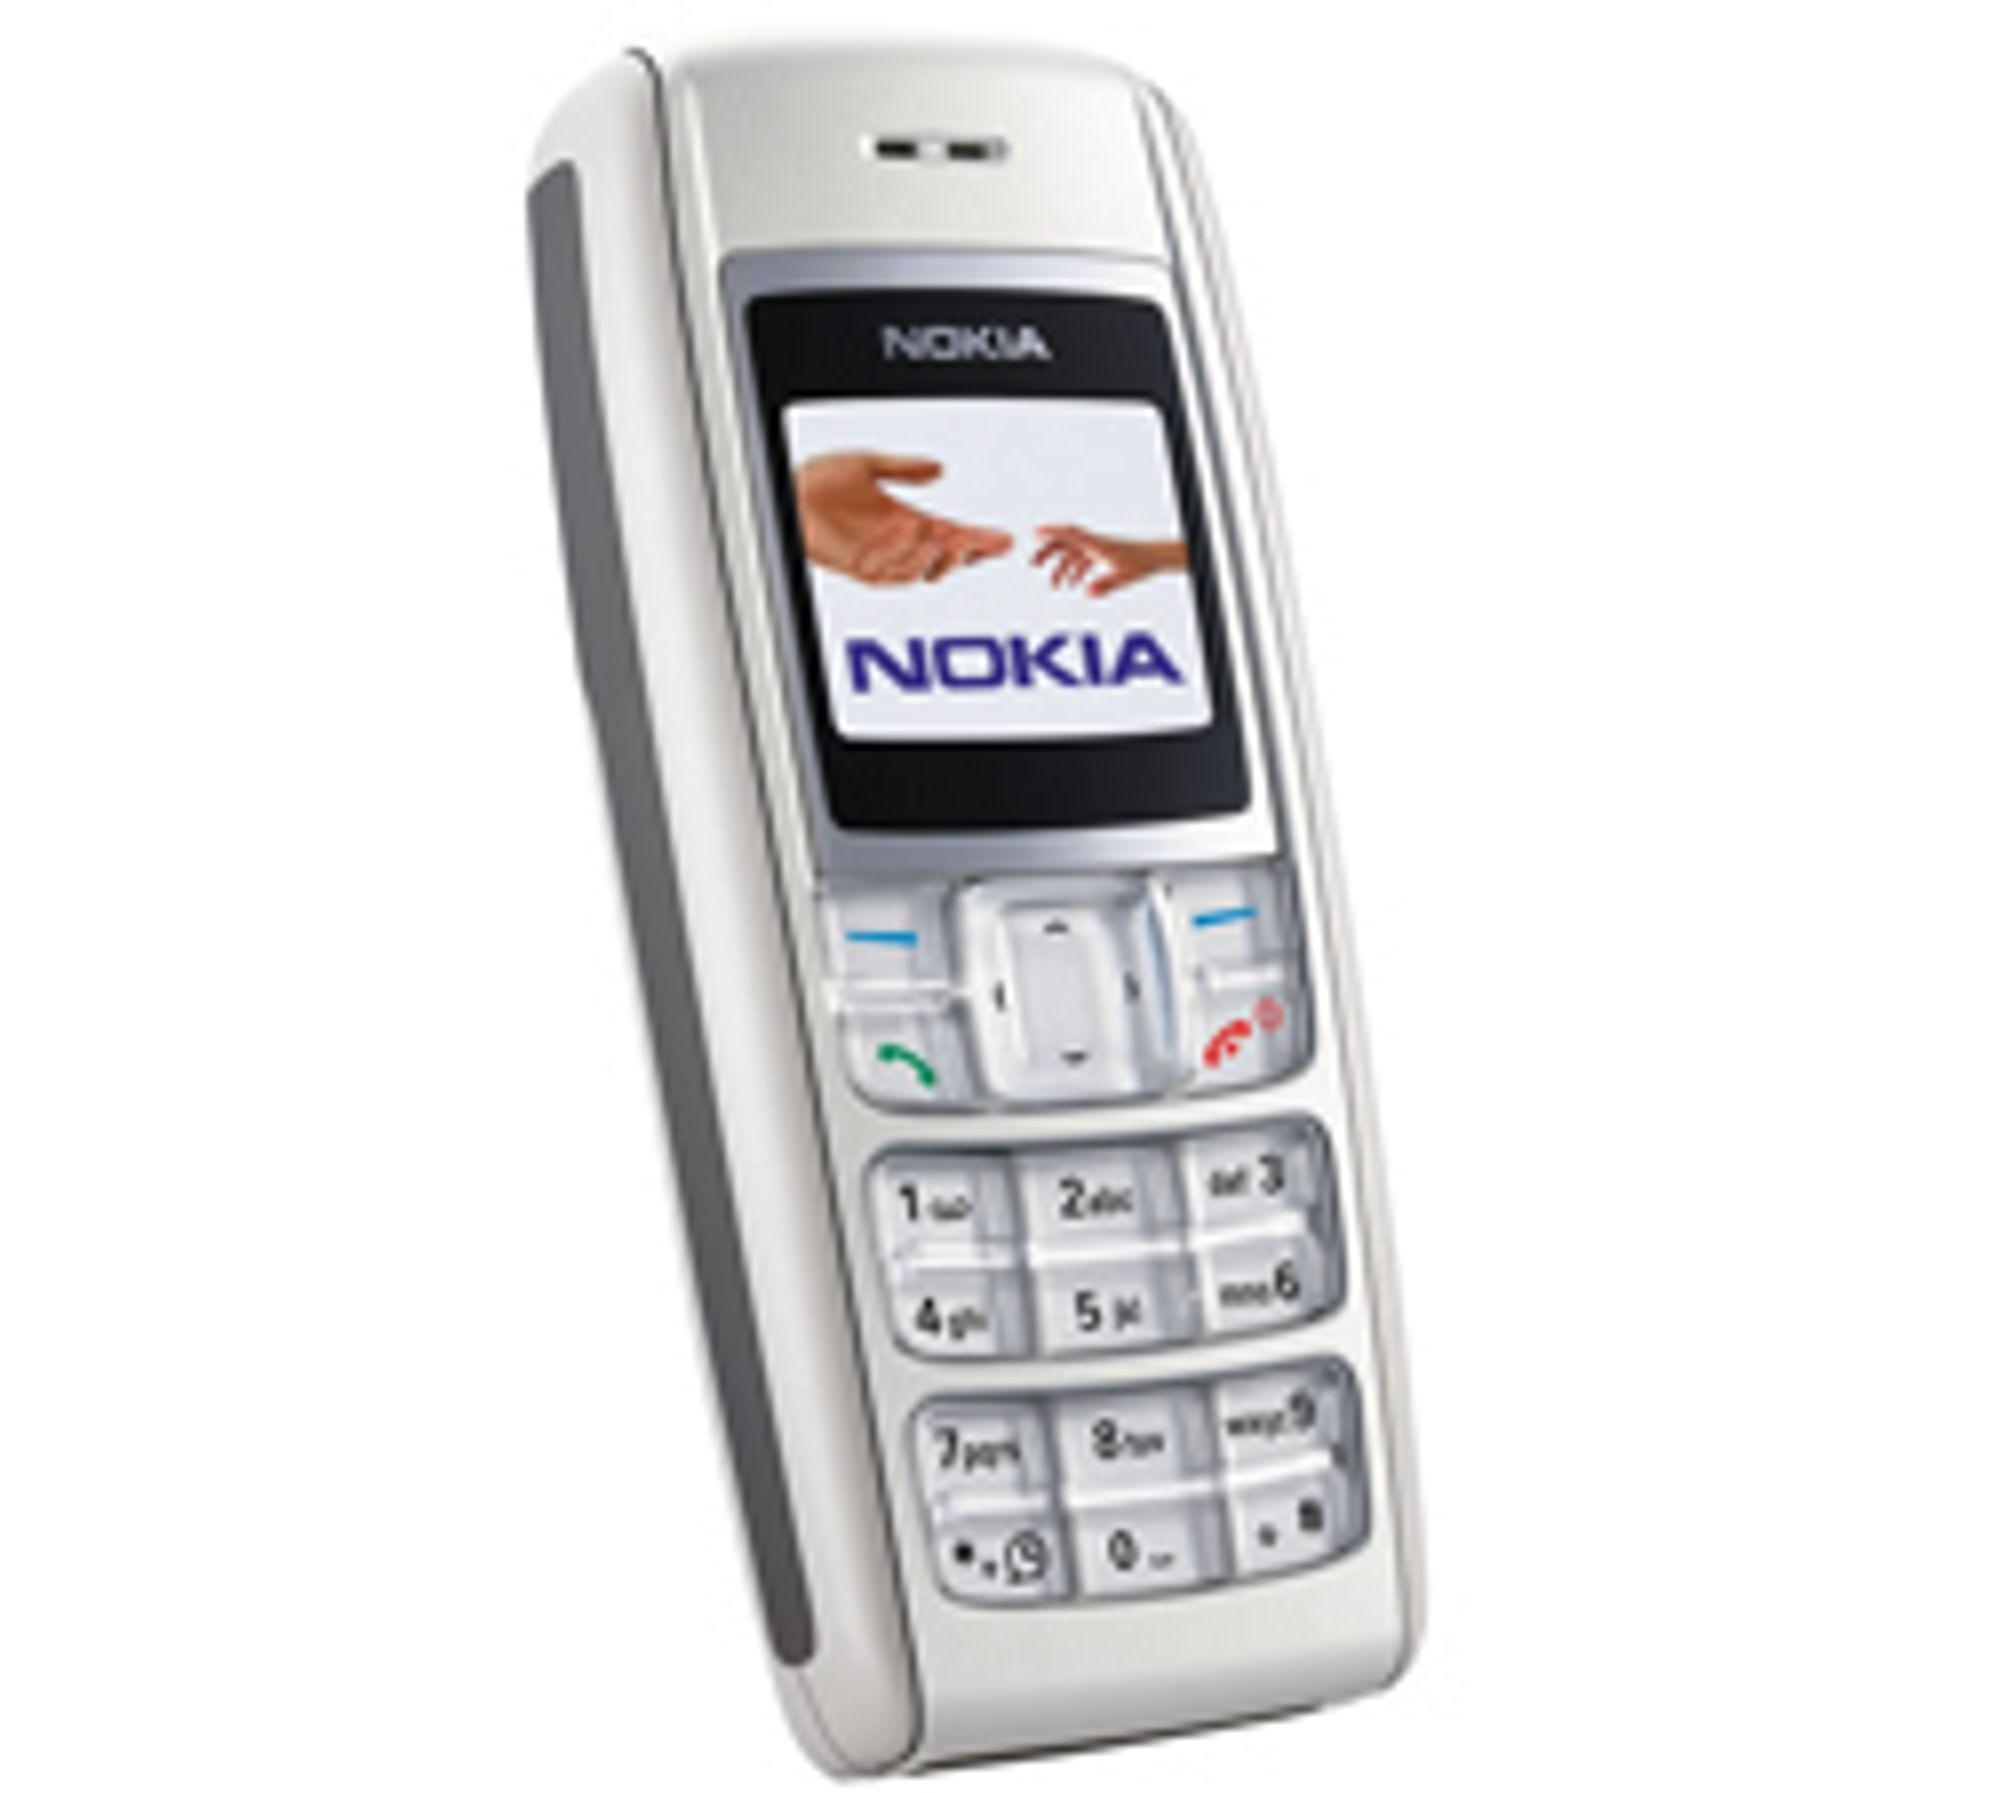 Nokia 1600 har fargeskjerm og kan lagre 60 SMS.